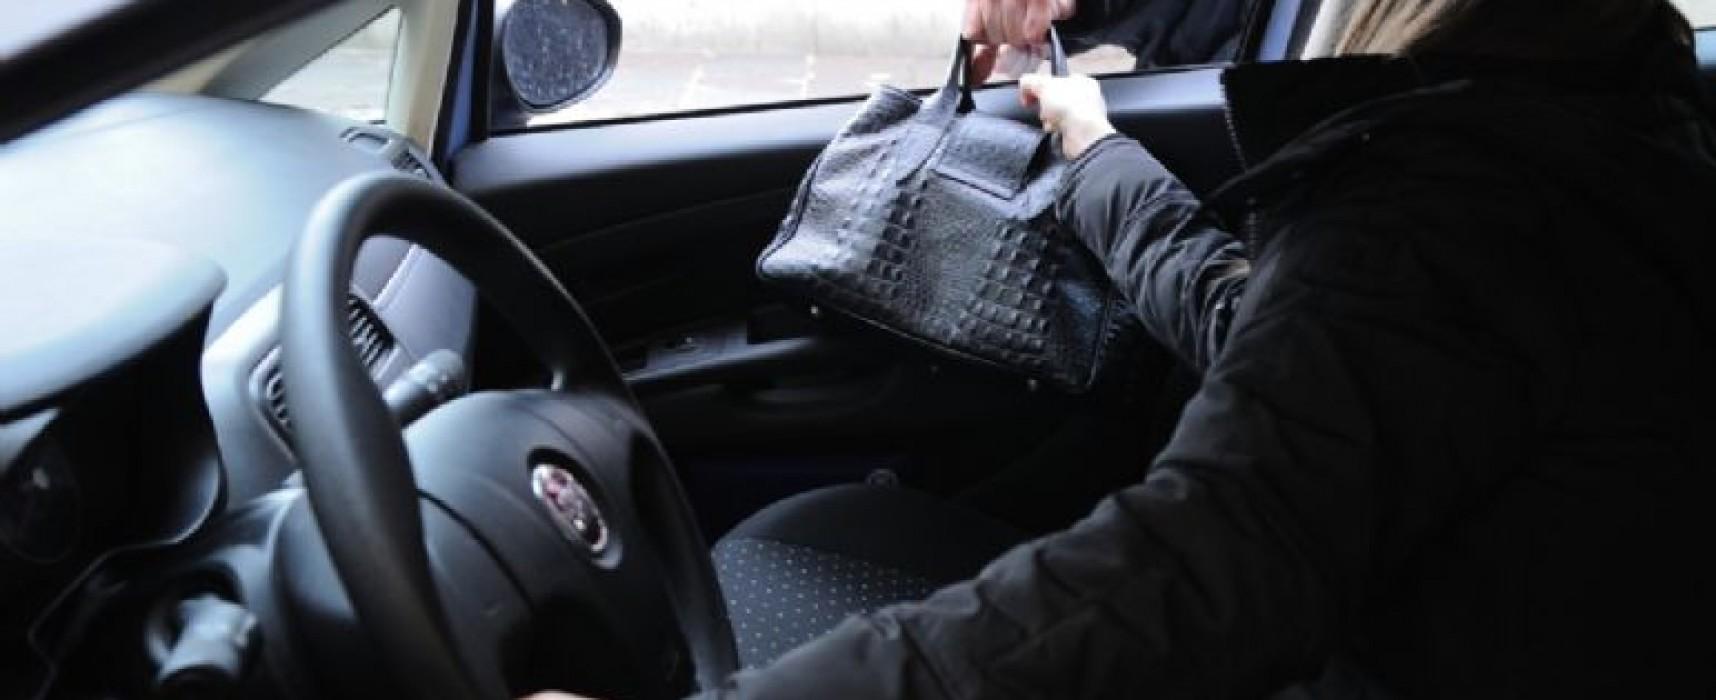 Scippo su via Vittorio Veneto, rubata una borsa da una macchina ferma nel traffico